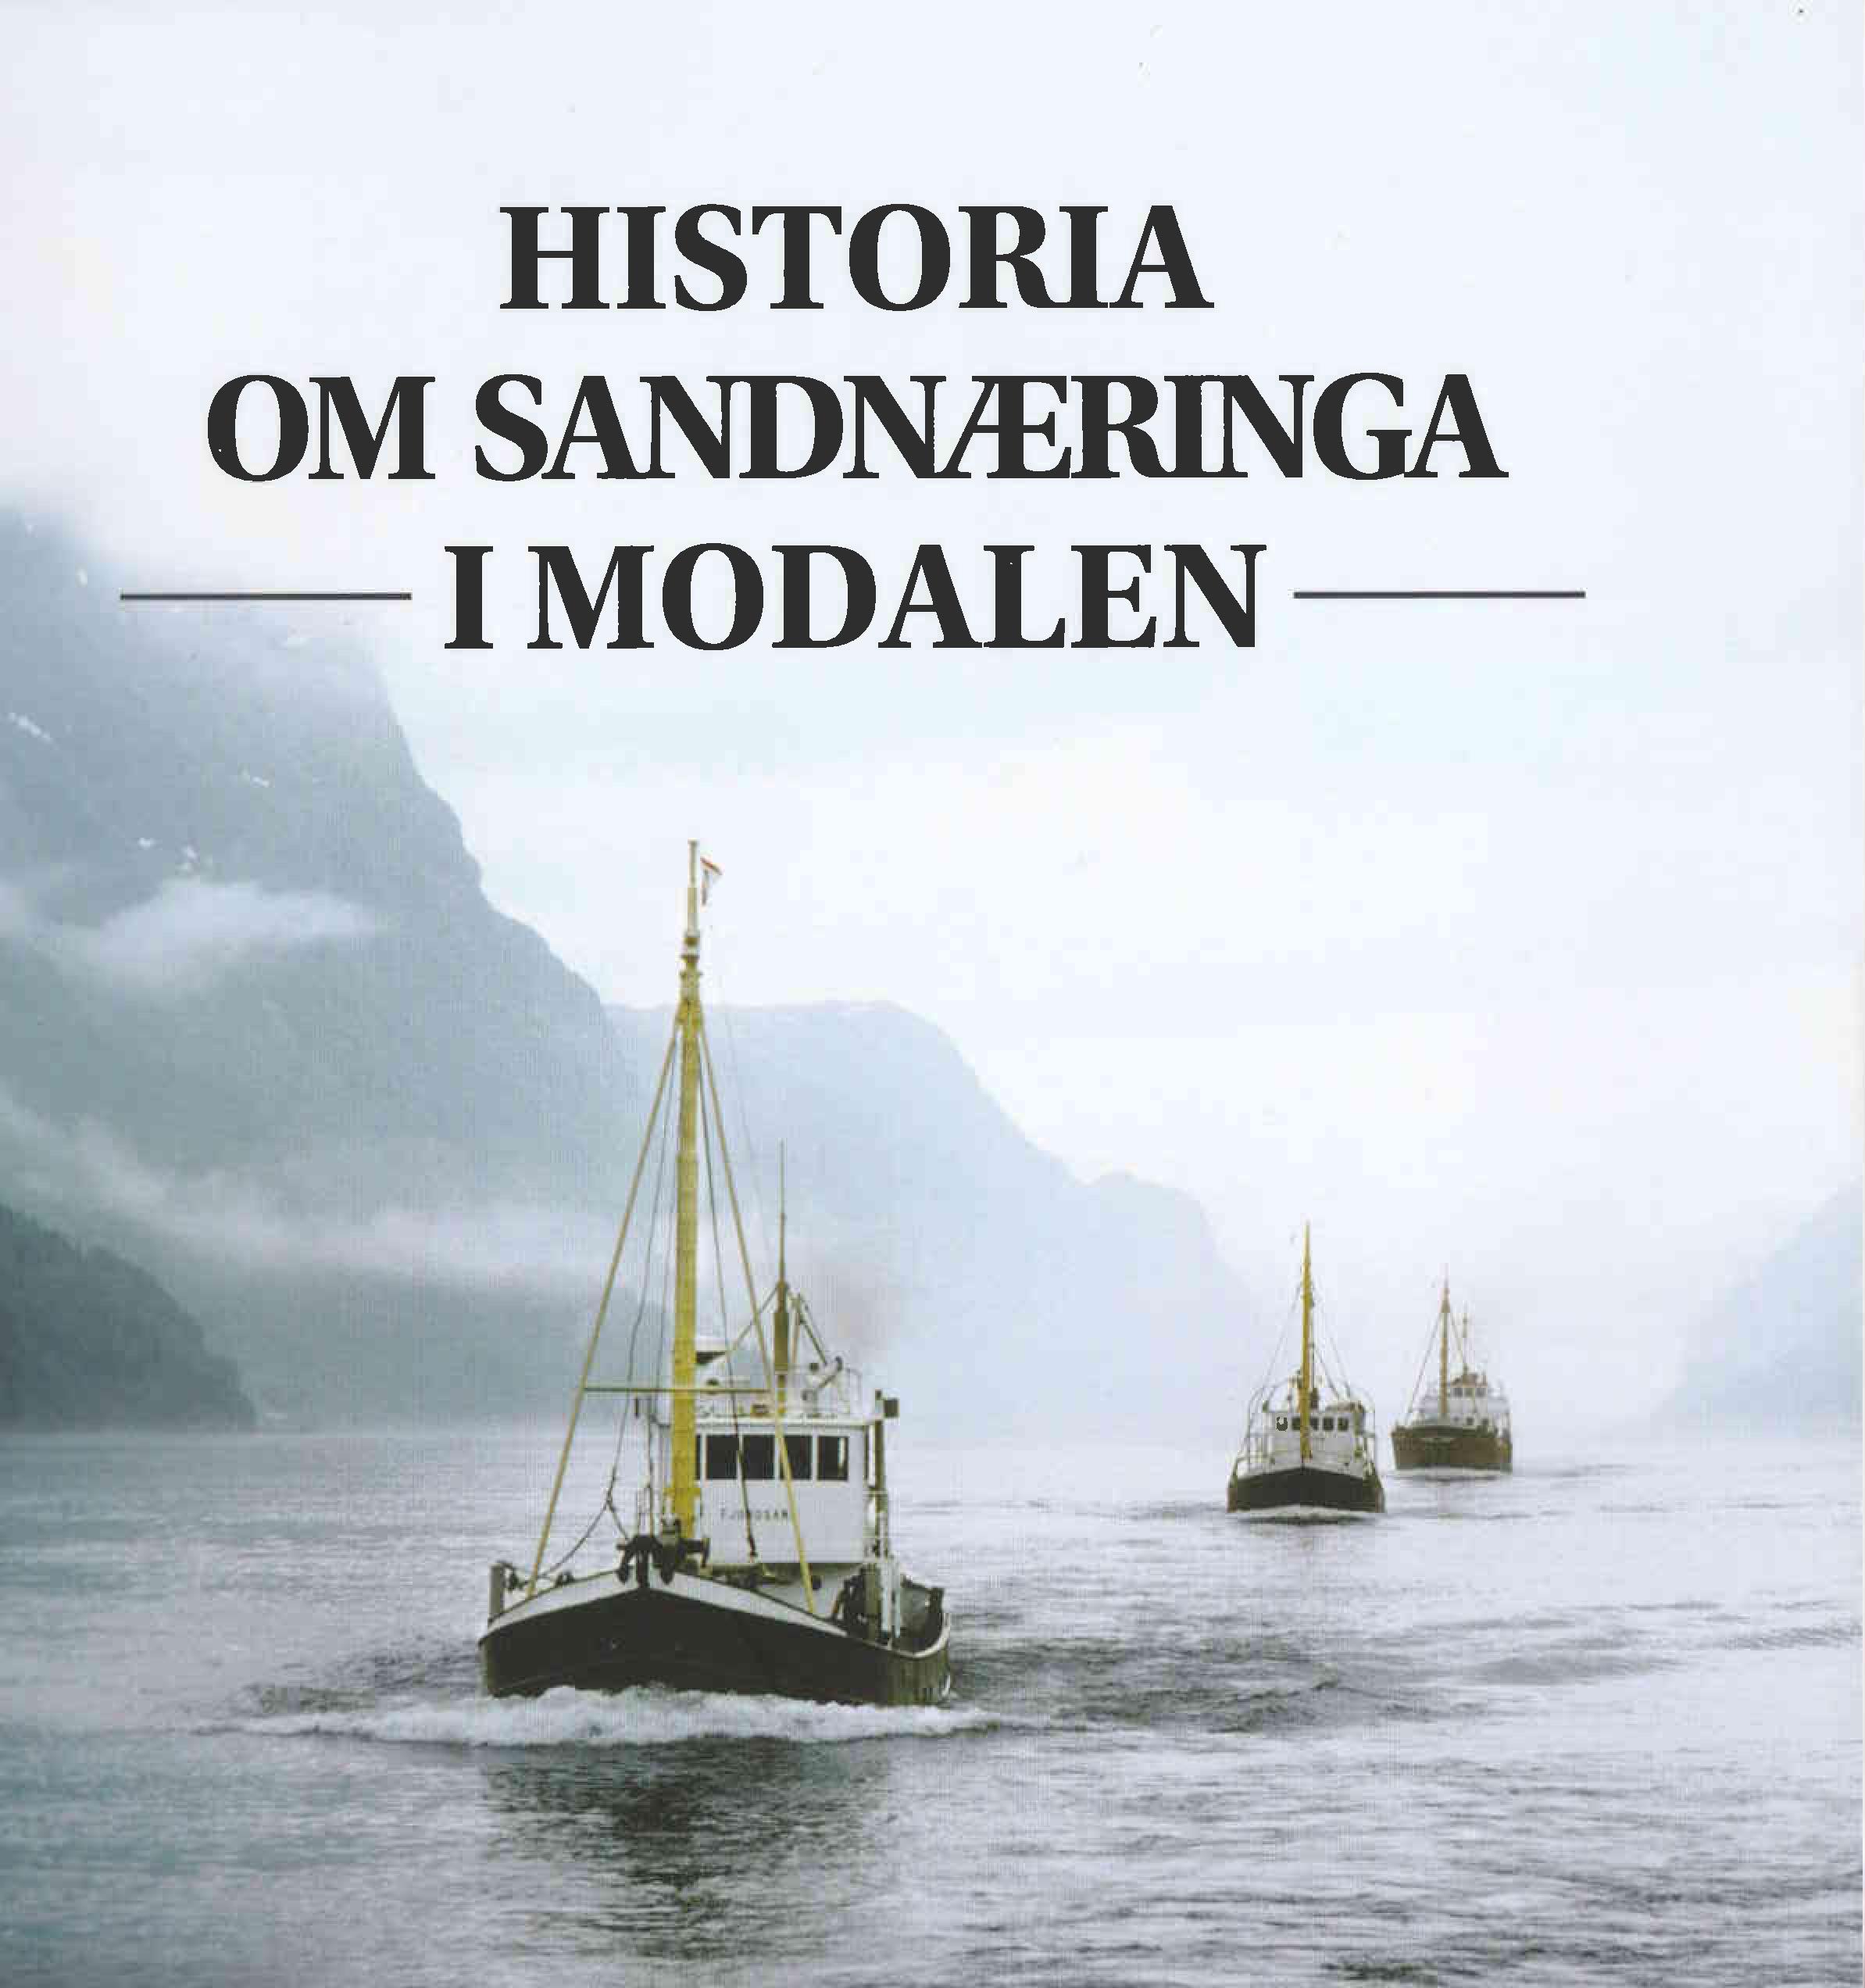 Historia om sandnæringa i Modalen